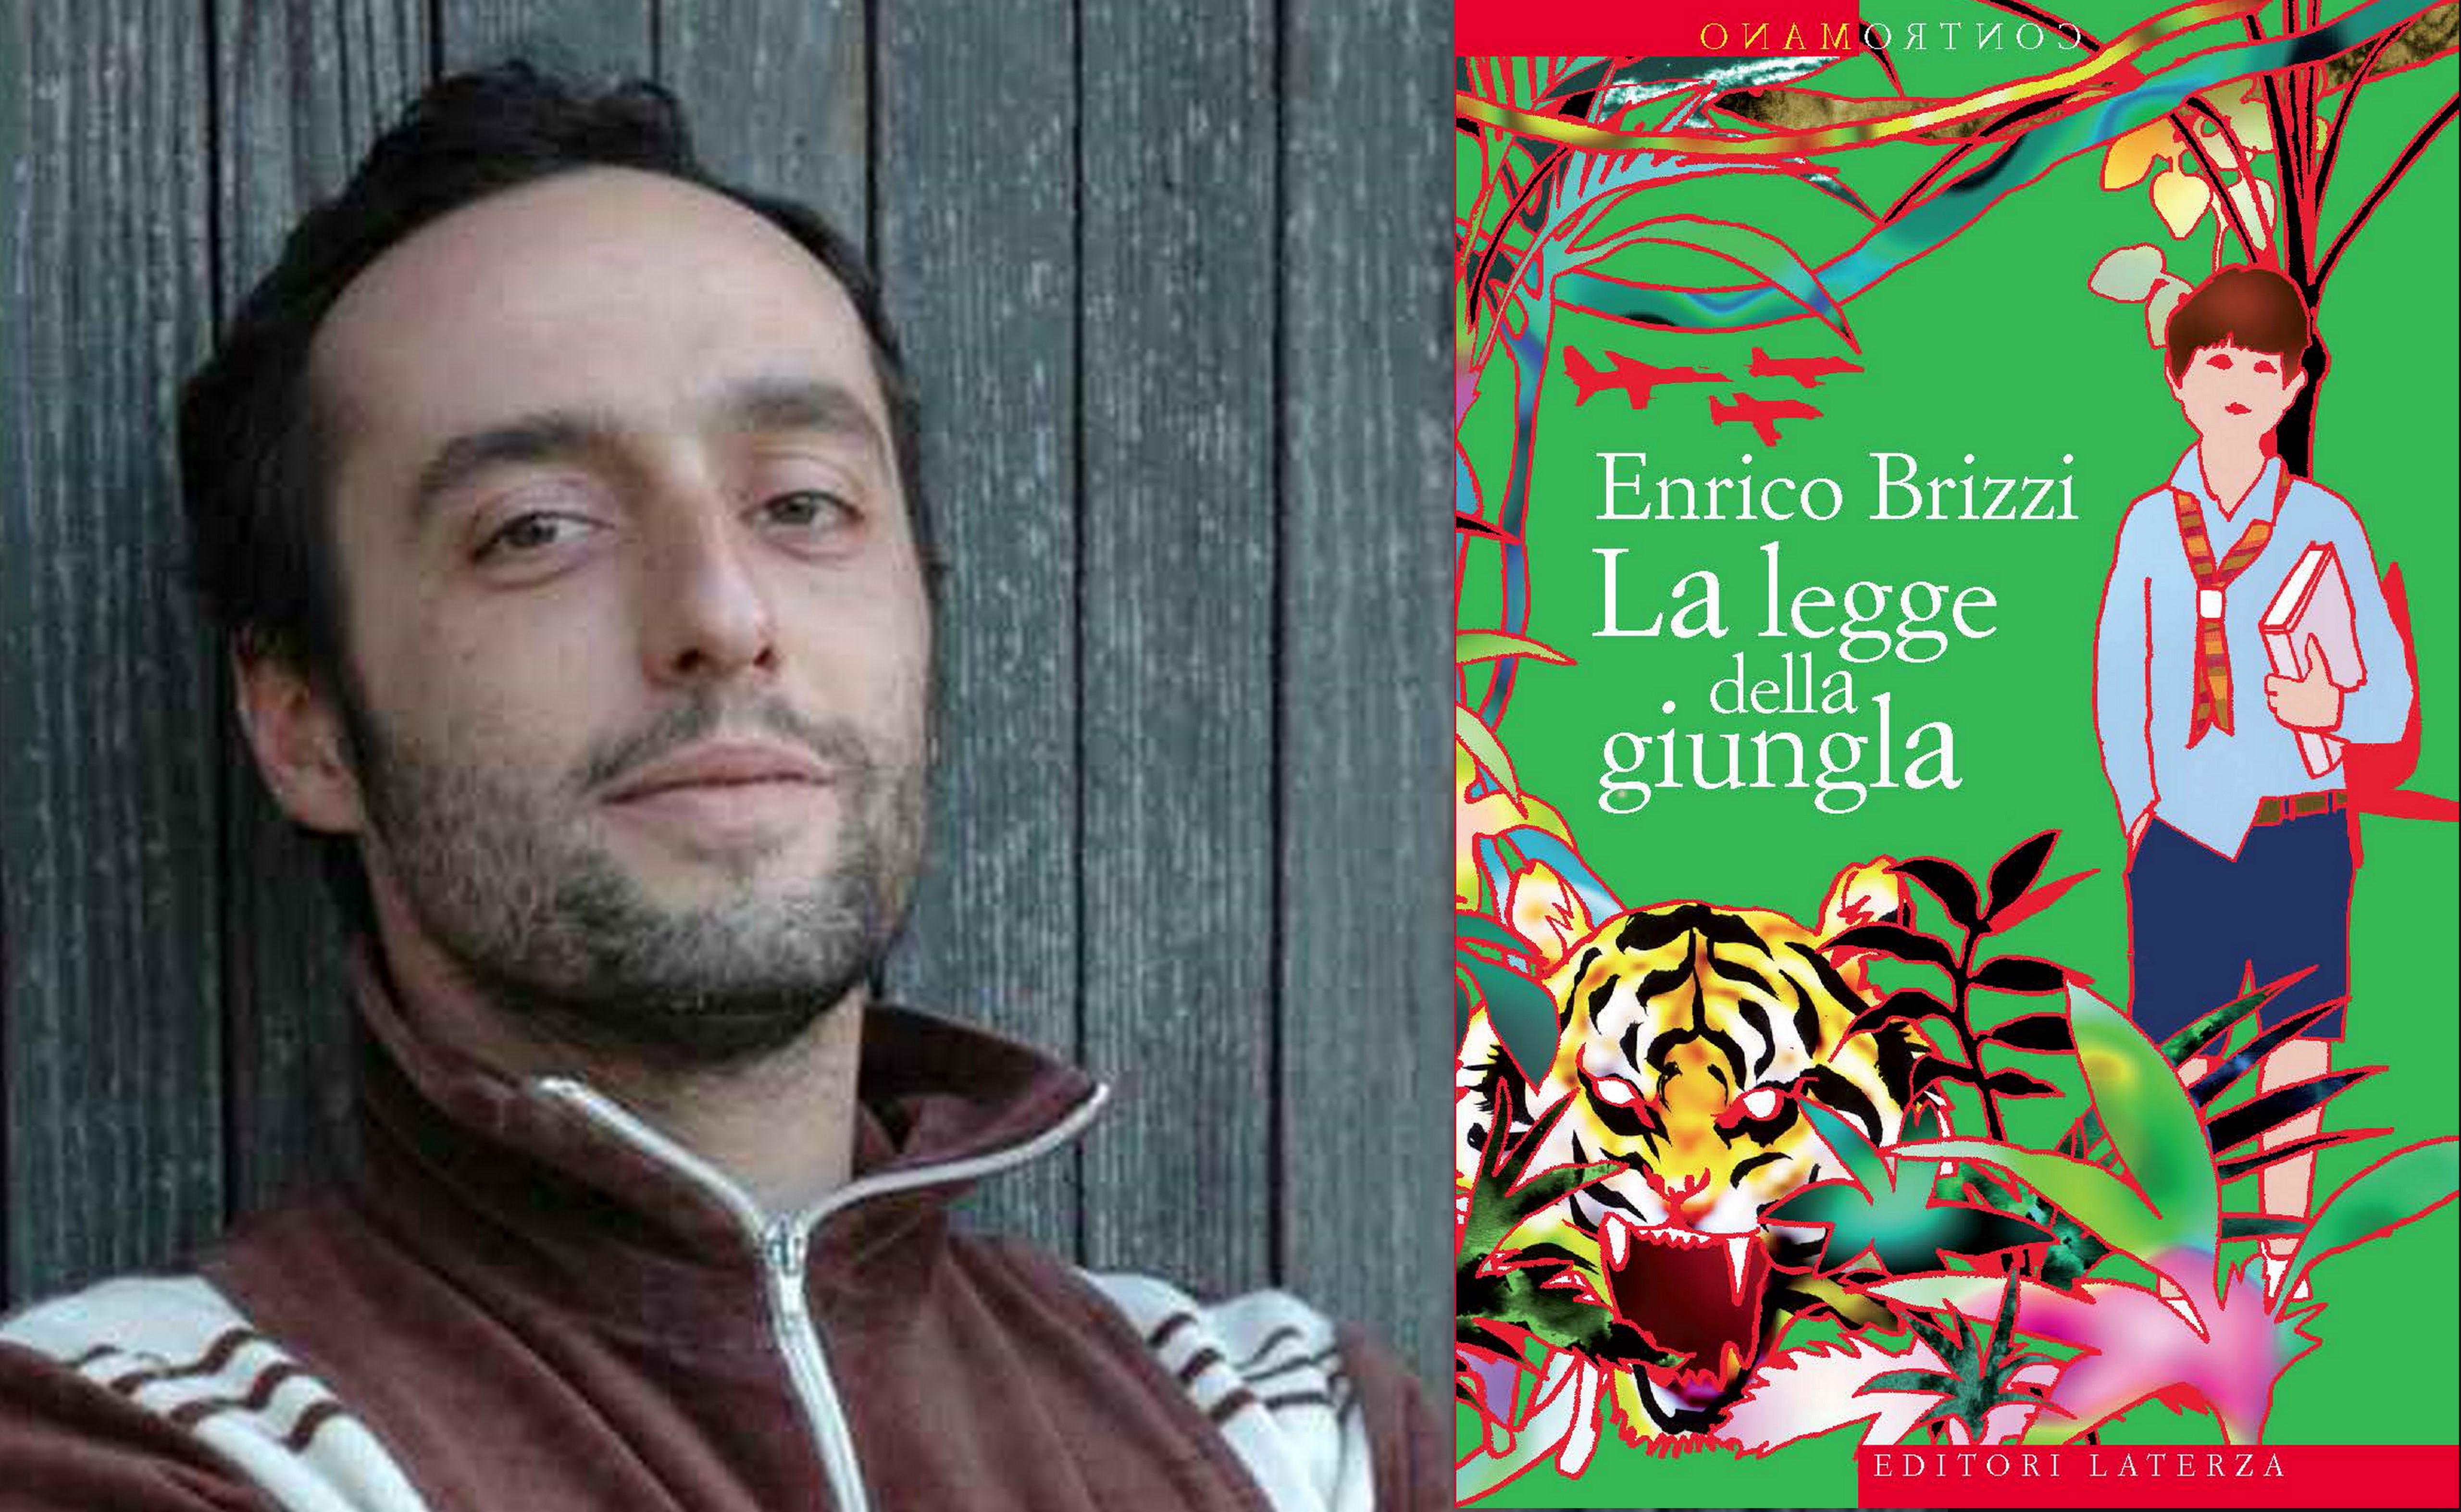 Enrico Brizzi, La legge della giungla